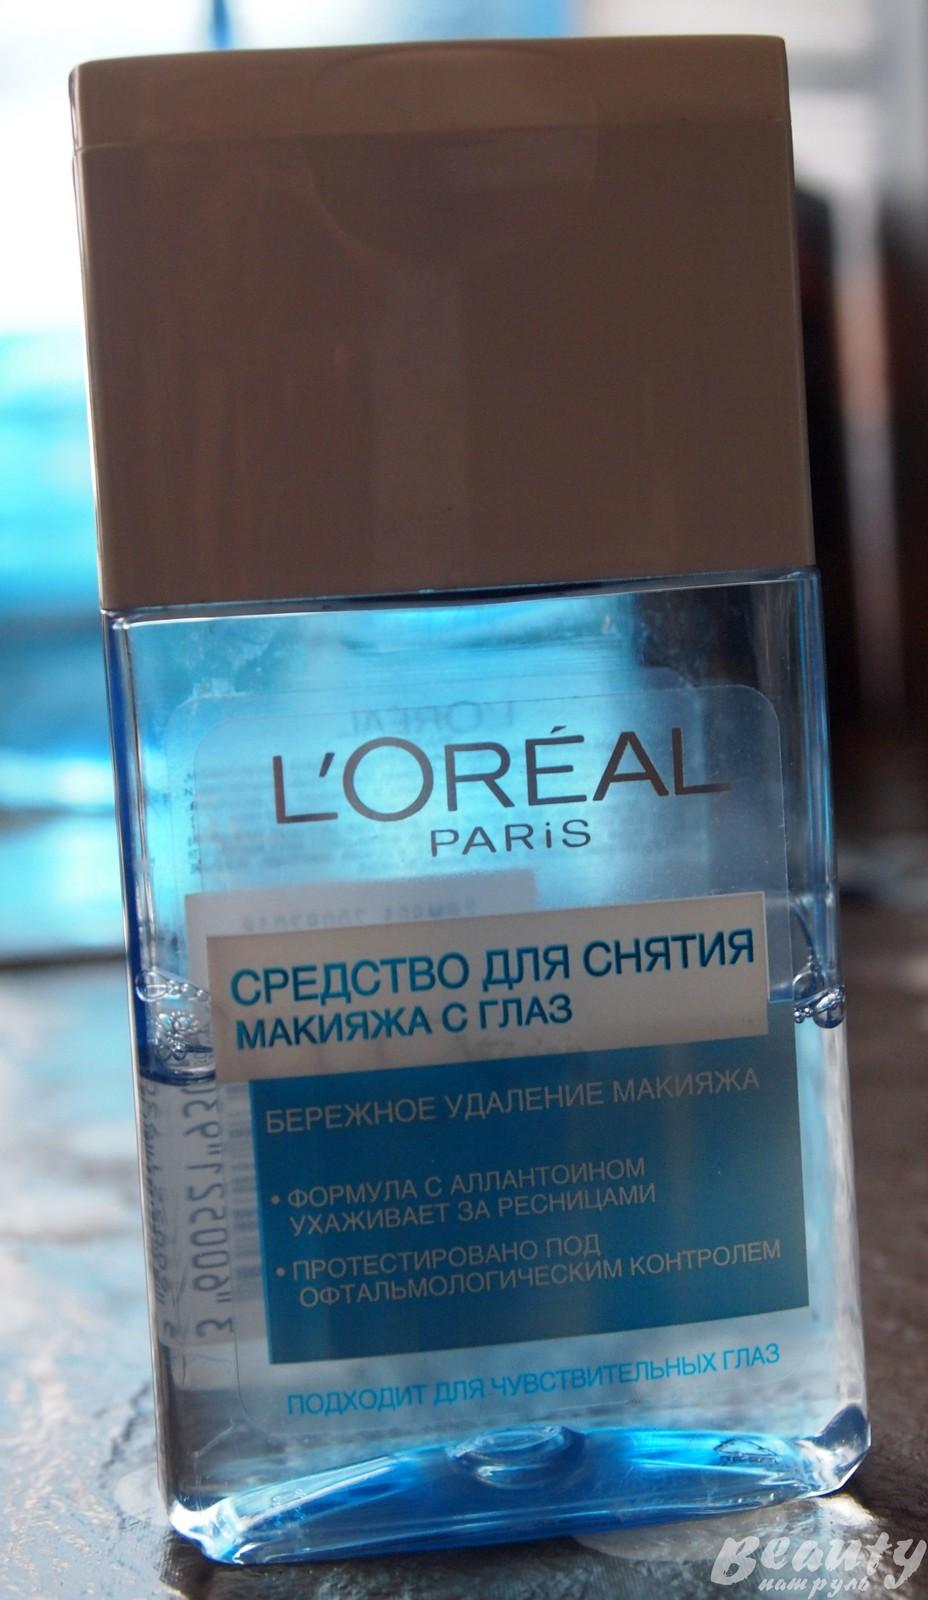 Лореаль средства для снятия макияжа отзывы